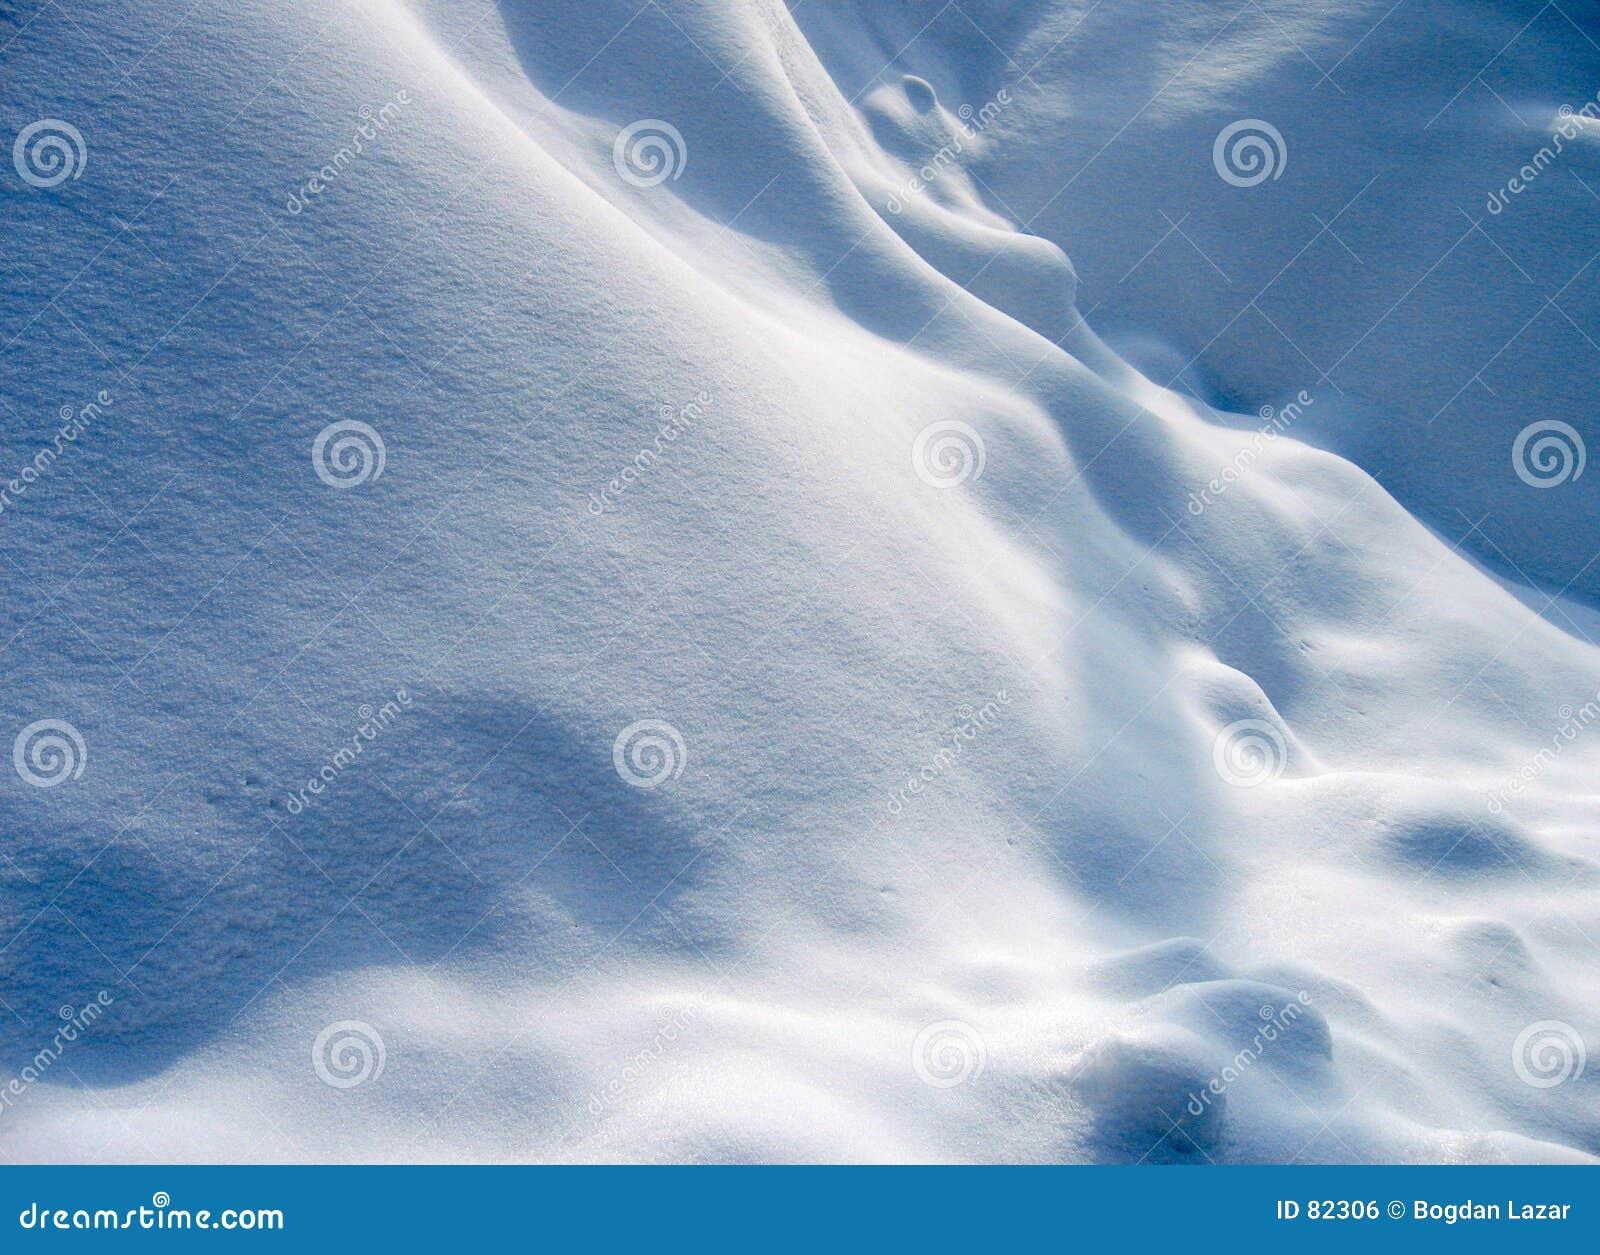 Wydmy 1 zimowych